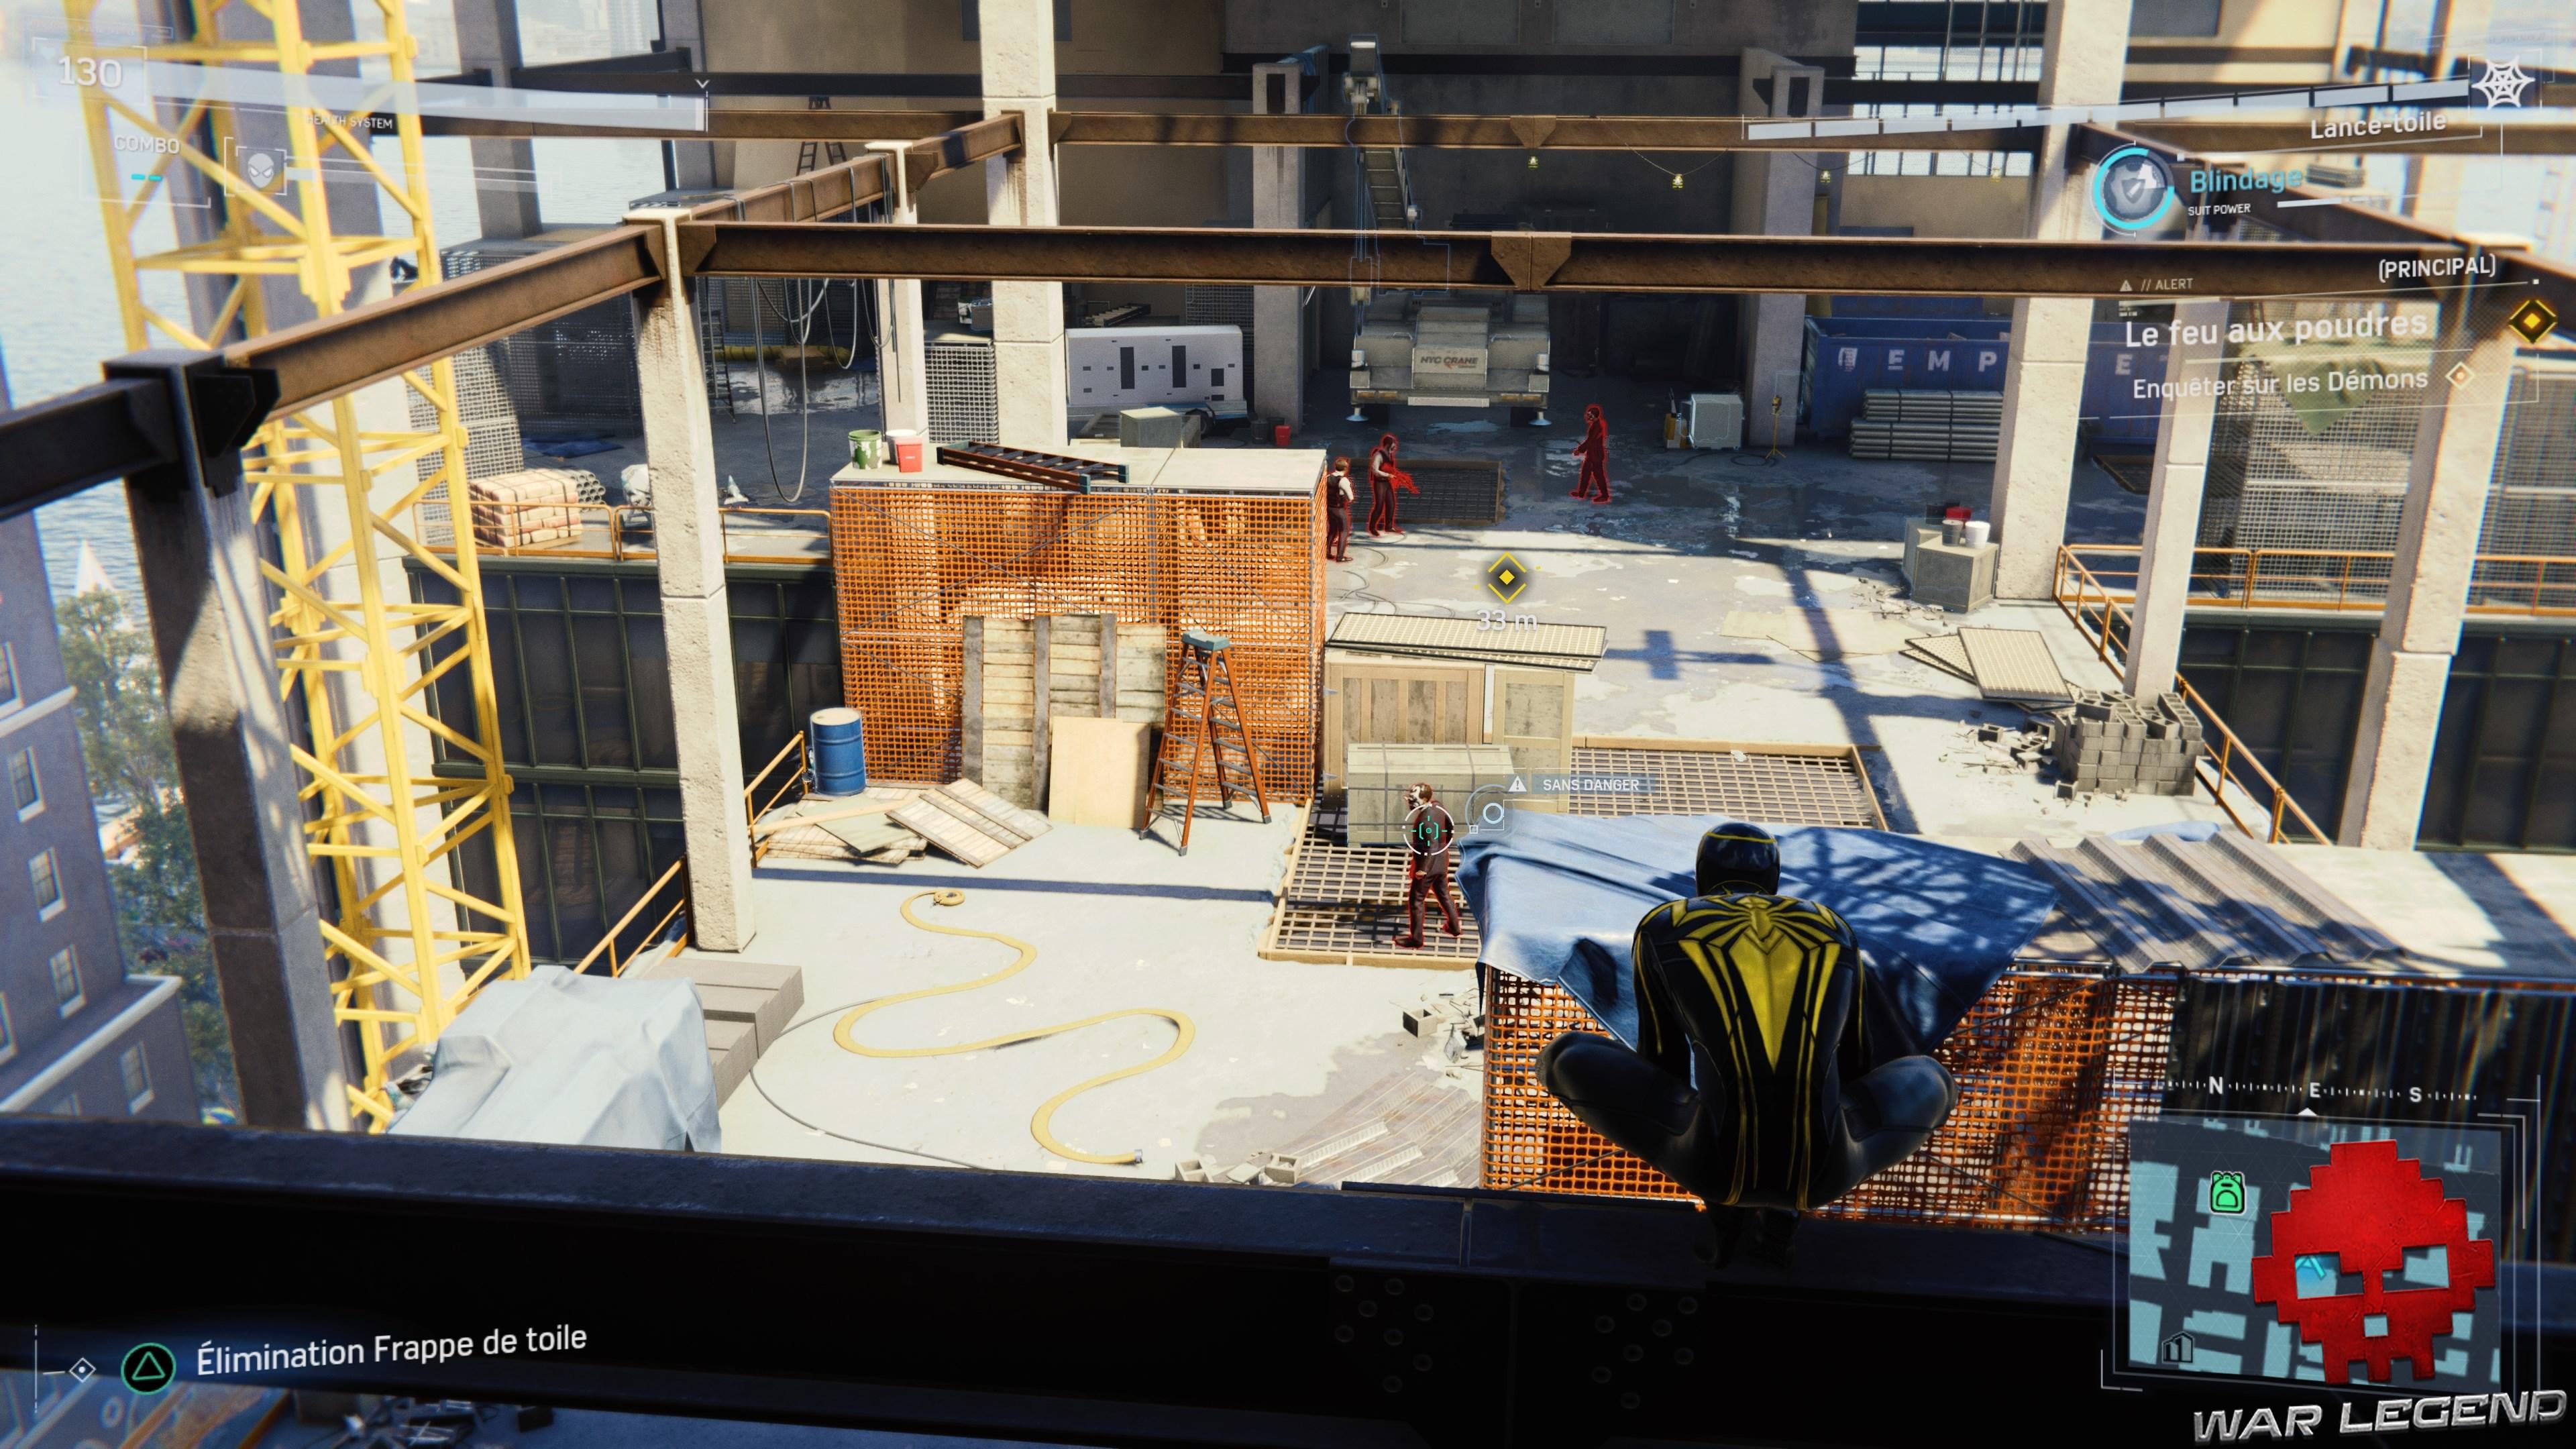 Vignette solution spider-man le feu aux poudres des criminels sont présents sur le chantier